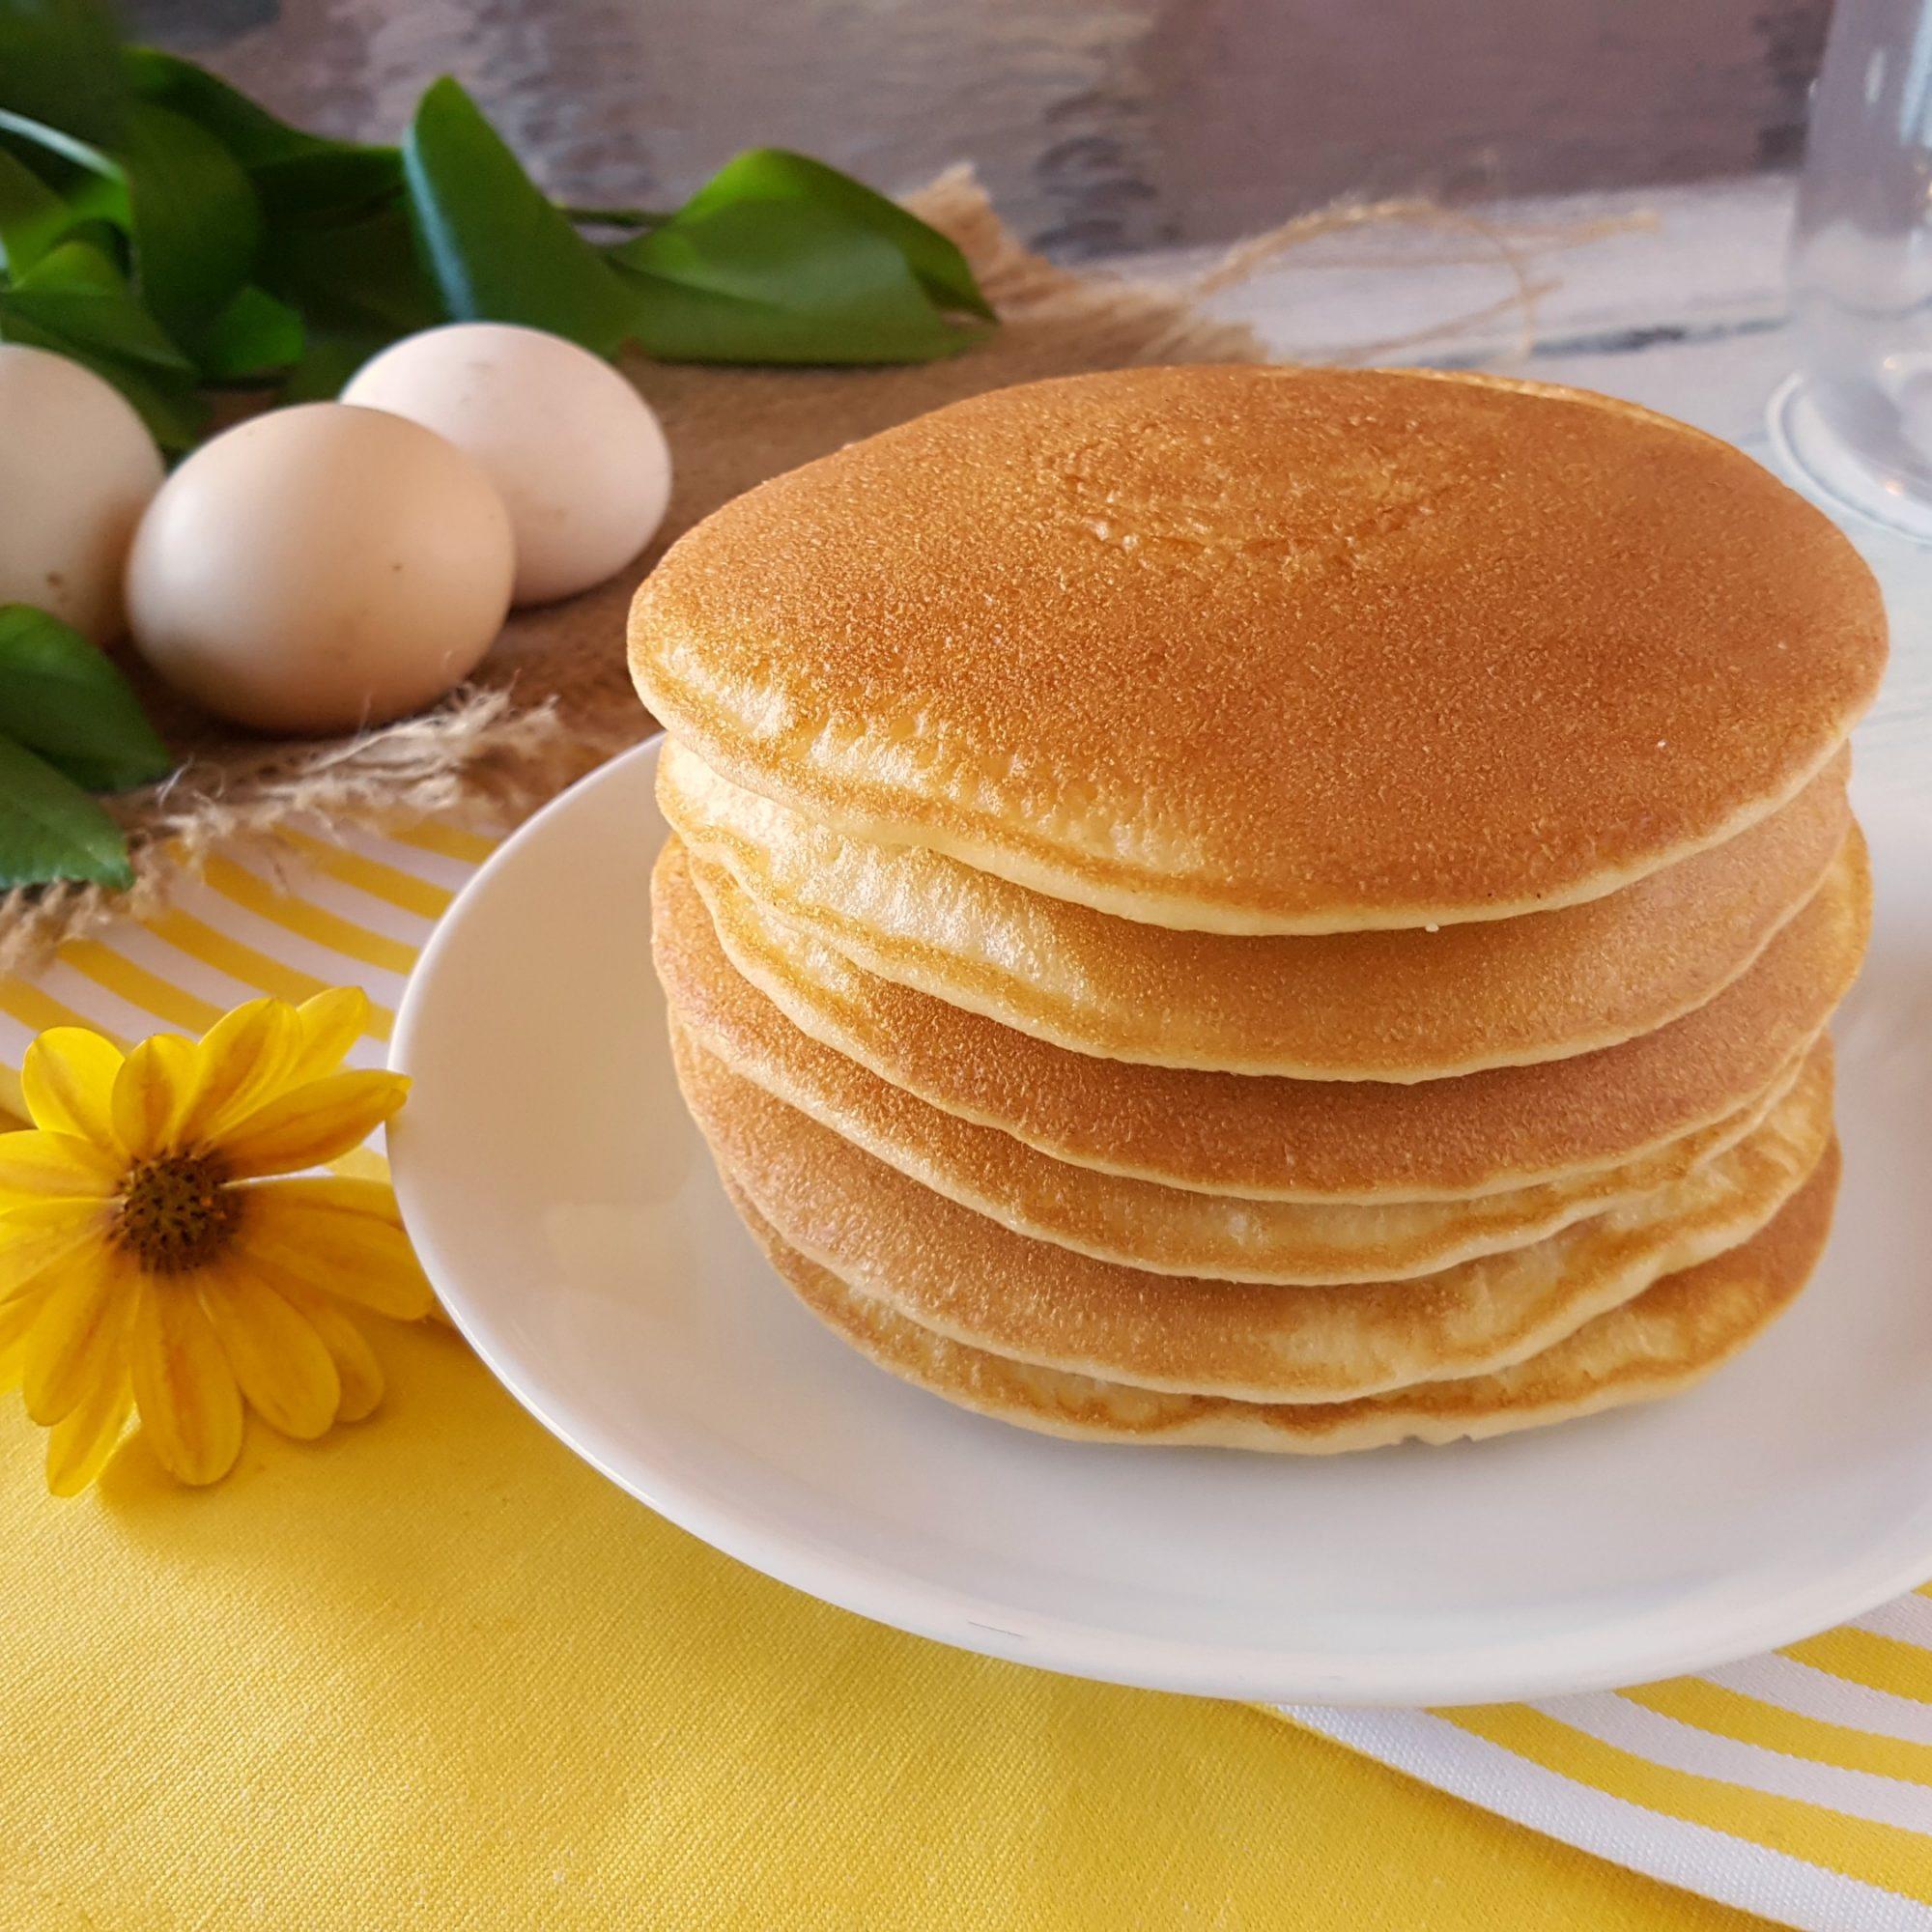 Ricetta Pancake Nella Bottiglia.Pancake In Bottiglia Facili Veloci E Senza Sporcare